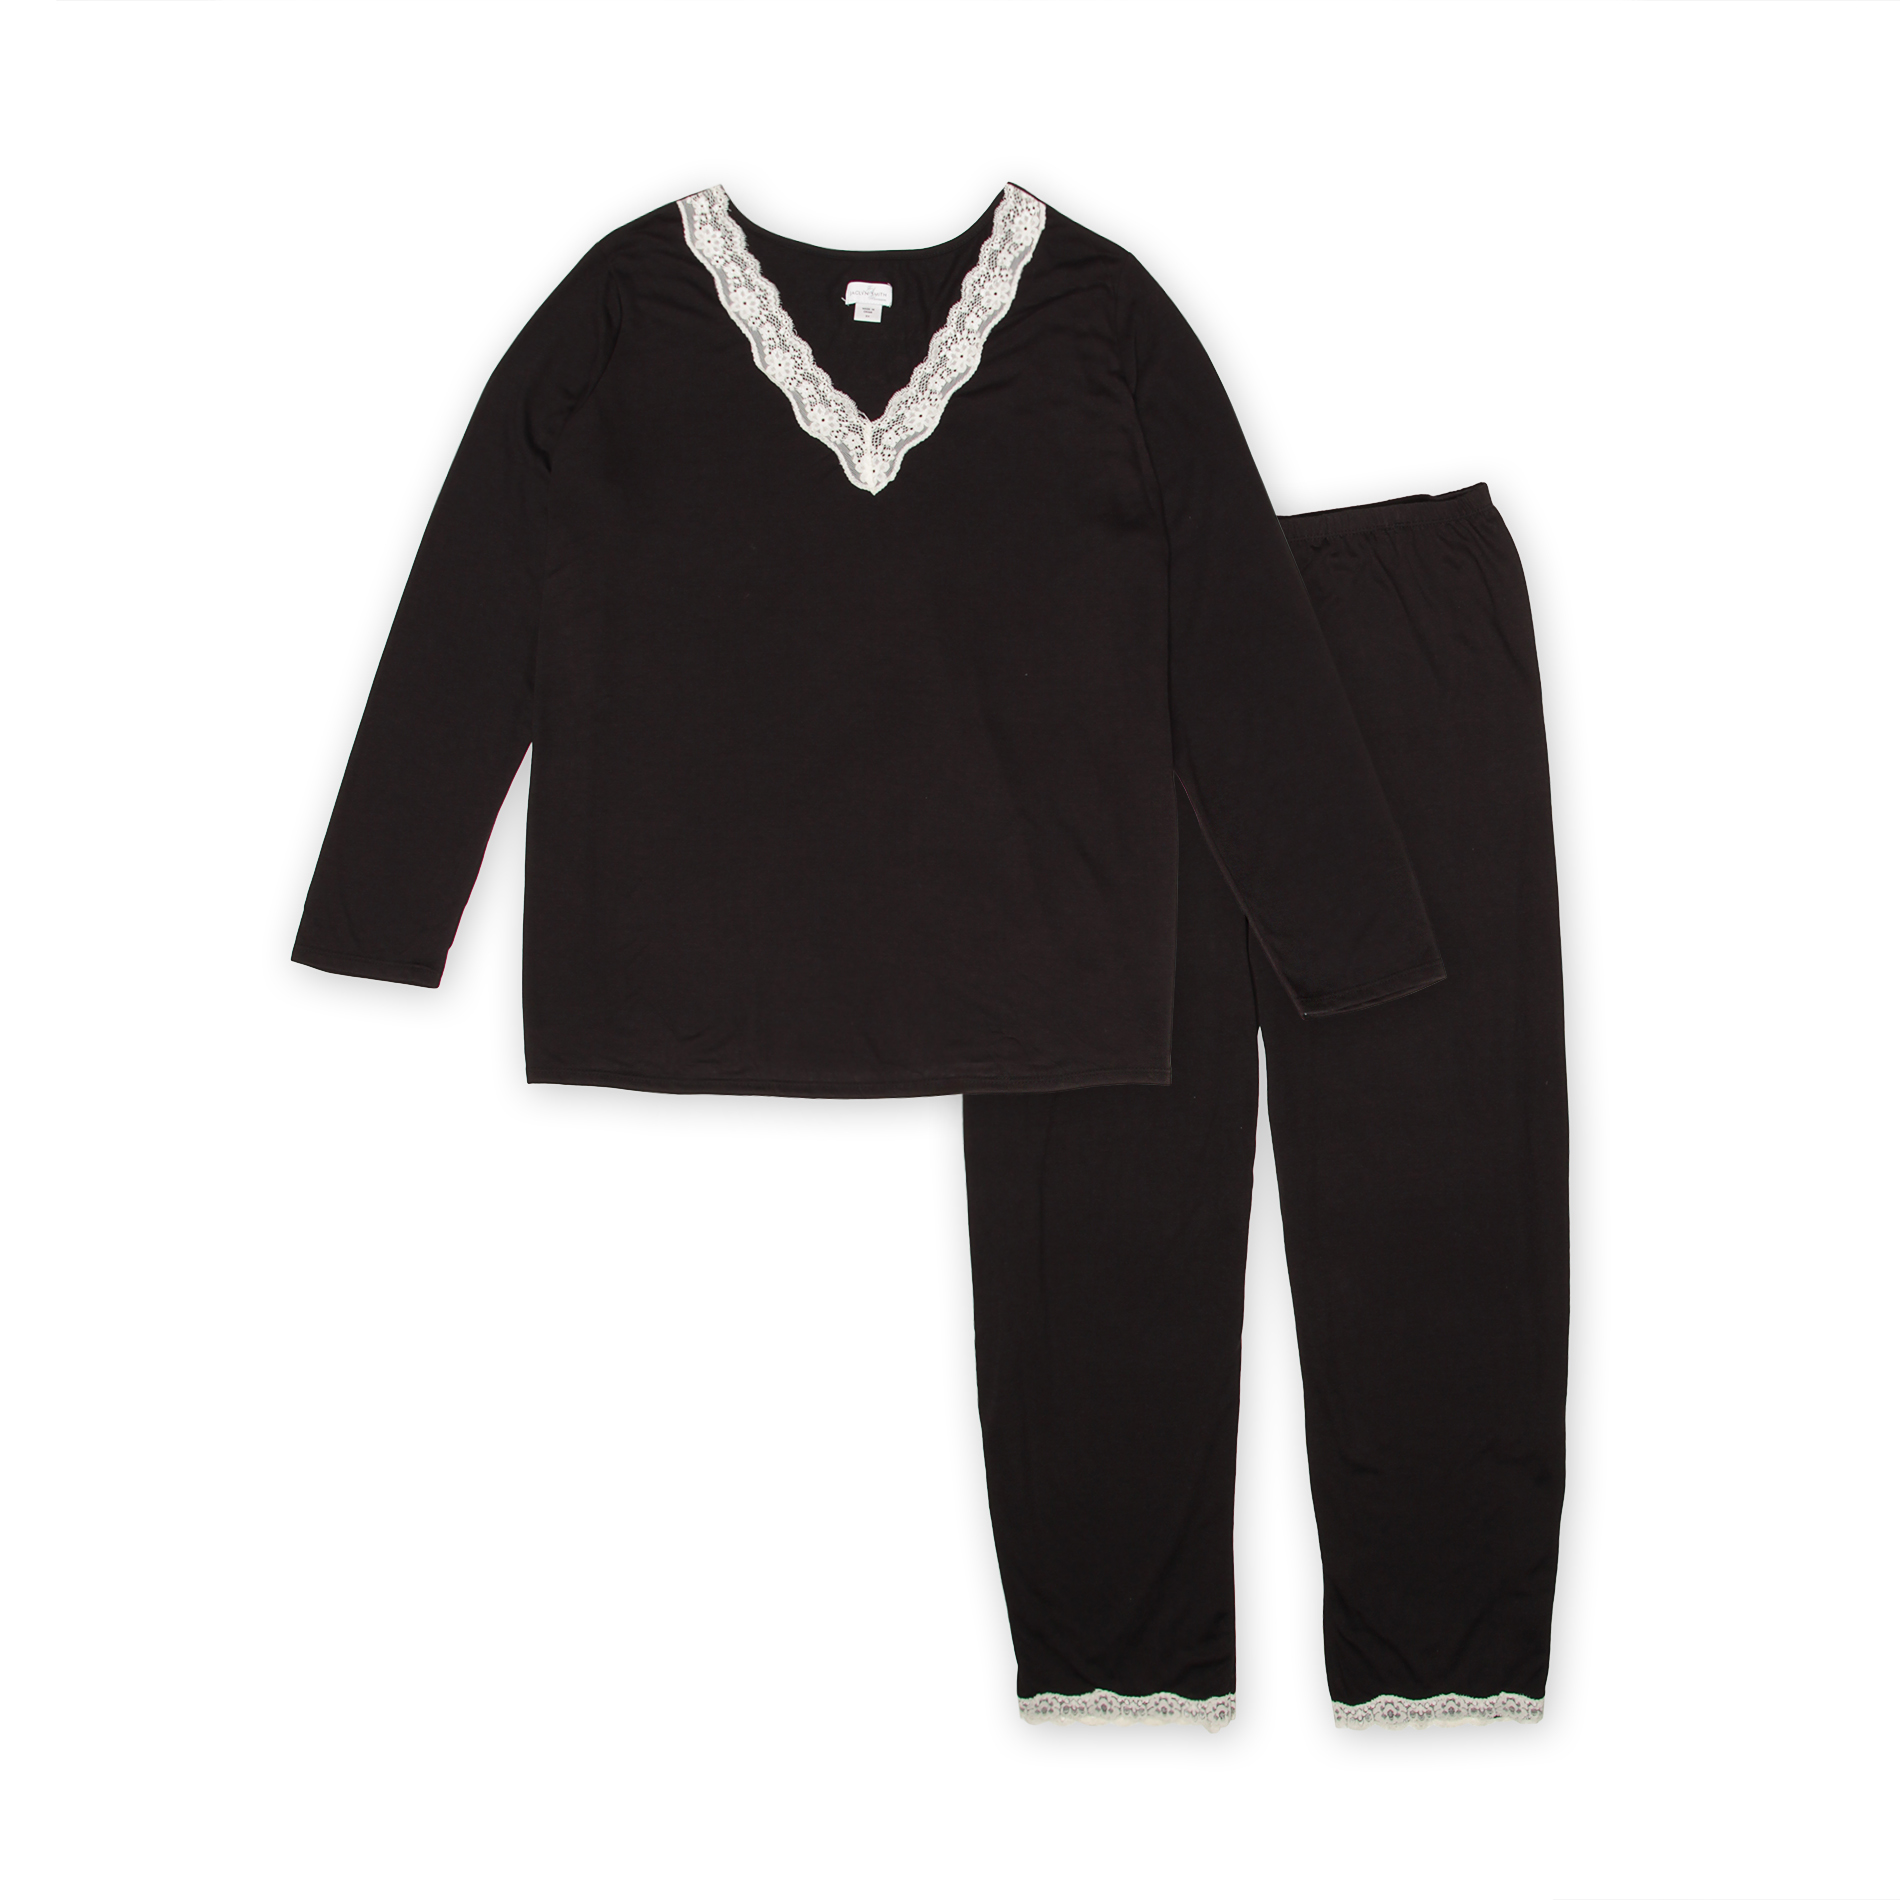 Jaclyn Smith Women' Pajama Top & Pants